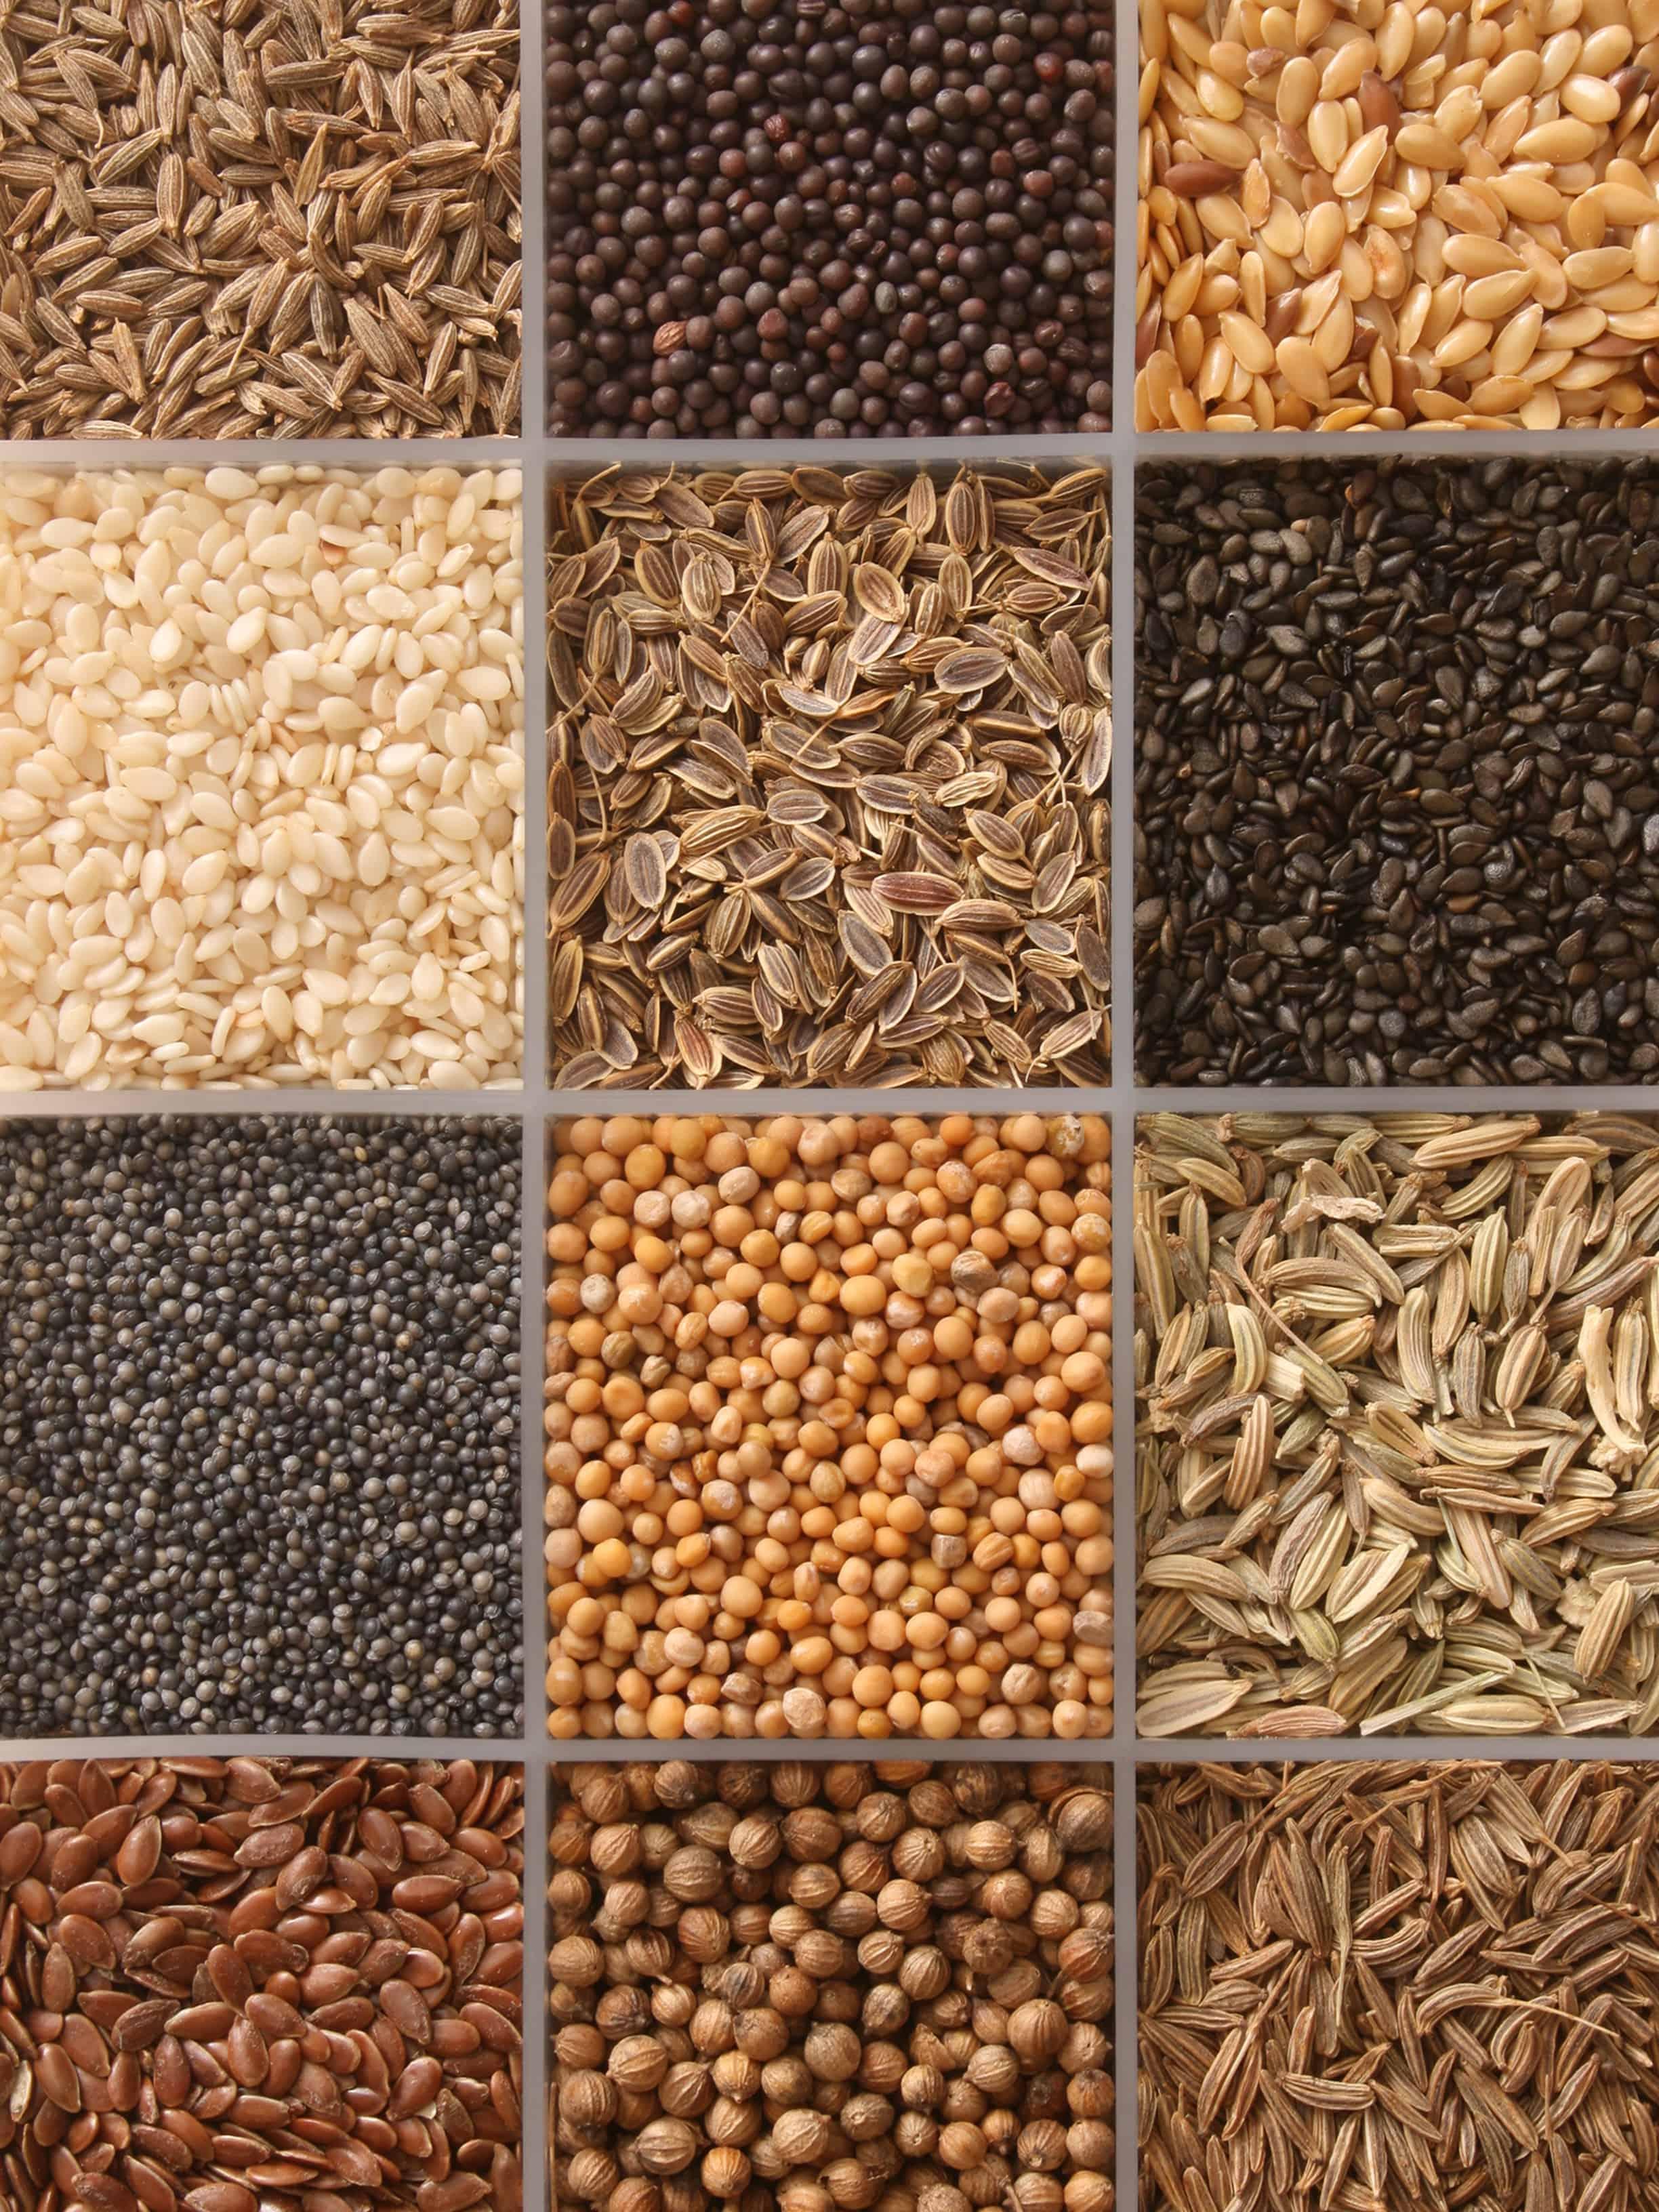 Twelve varieties of seeds in plastic container